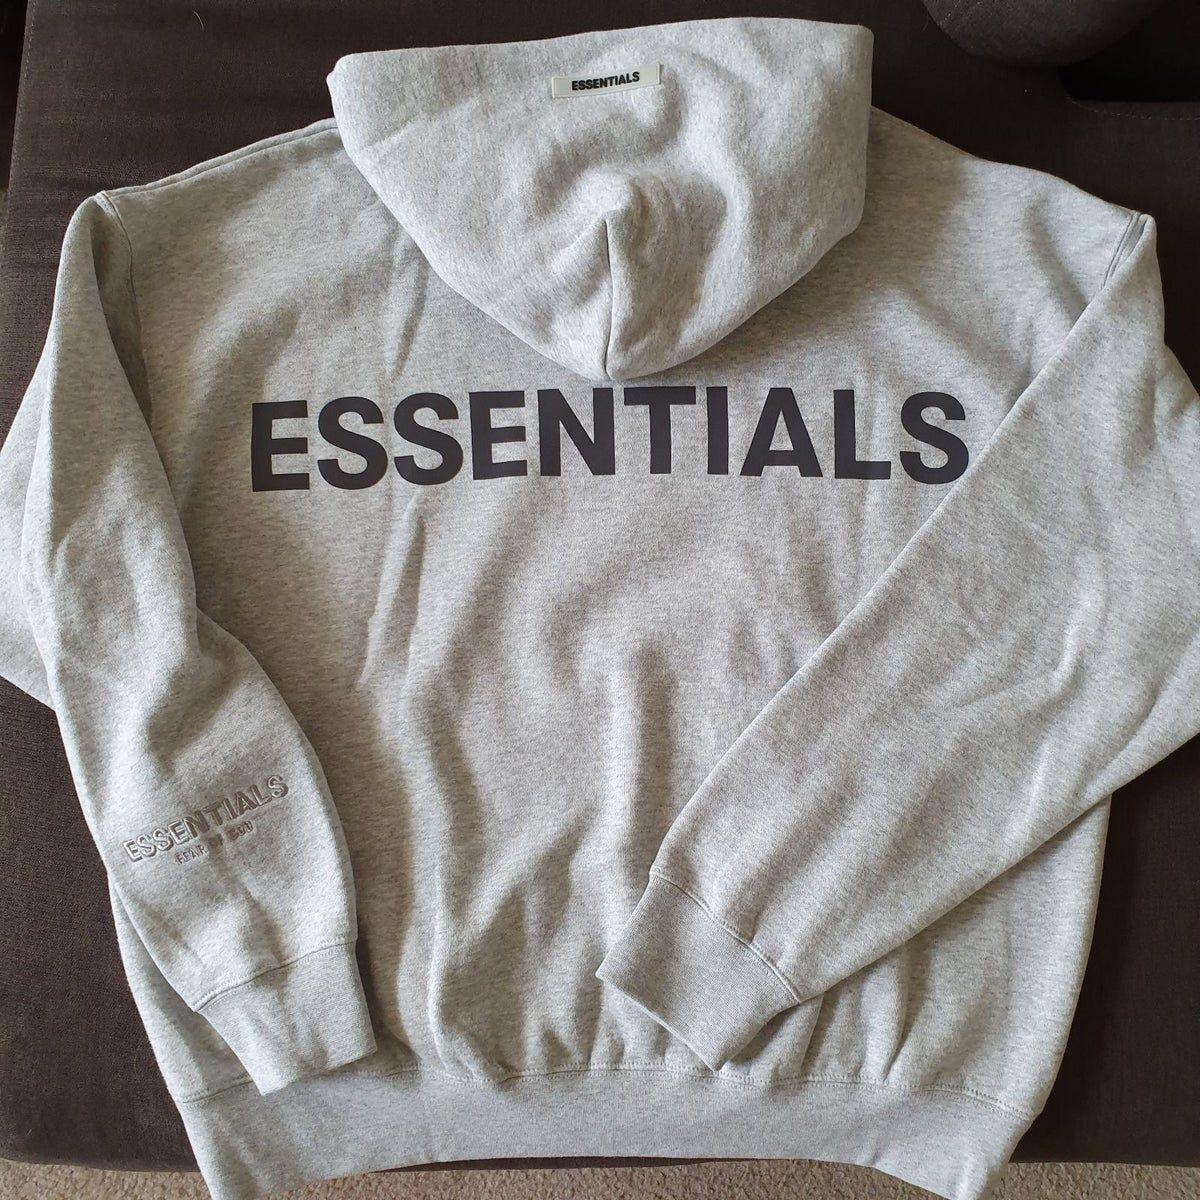 Fear Of God Essentials Hoodie Reflective Hoodies Cool Hoodies Sweatshirts Hoodie [ 1200 x 1200 Pixel ]